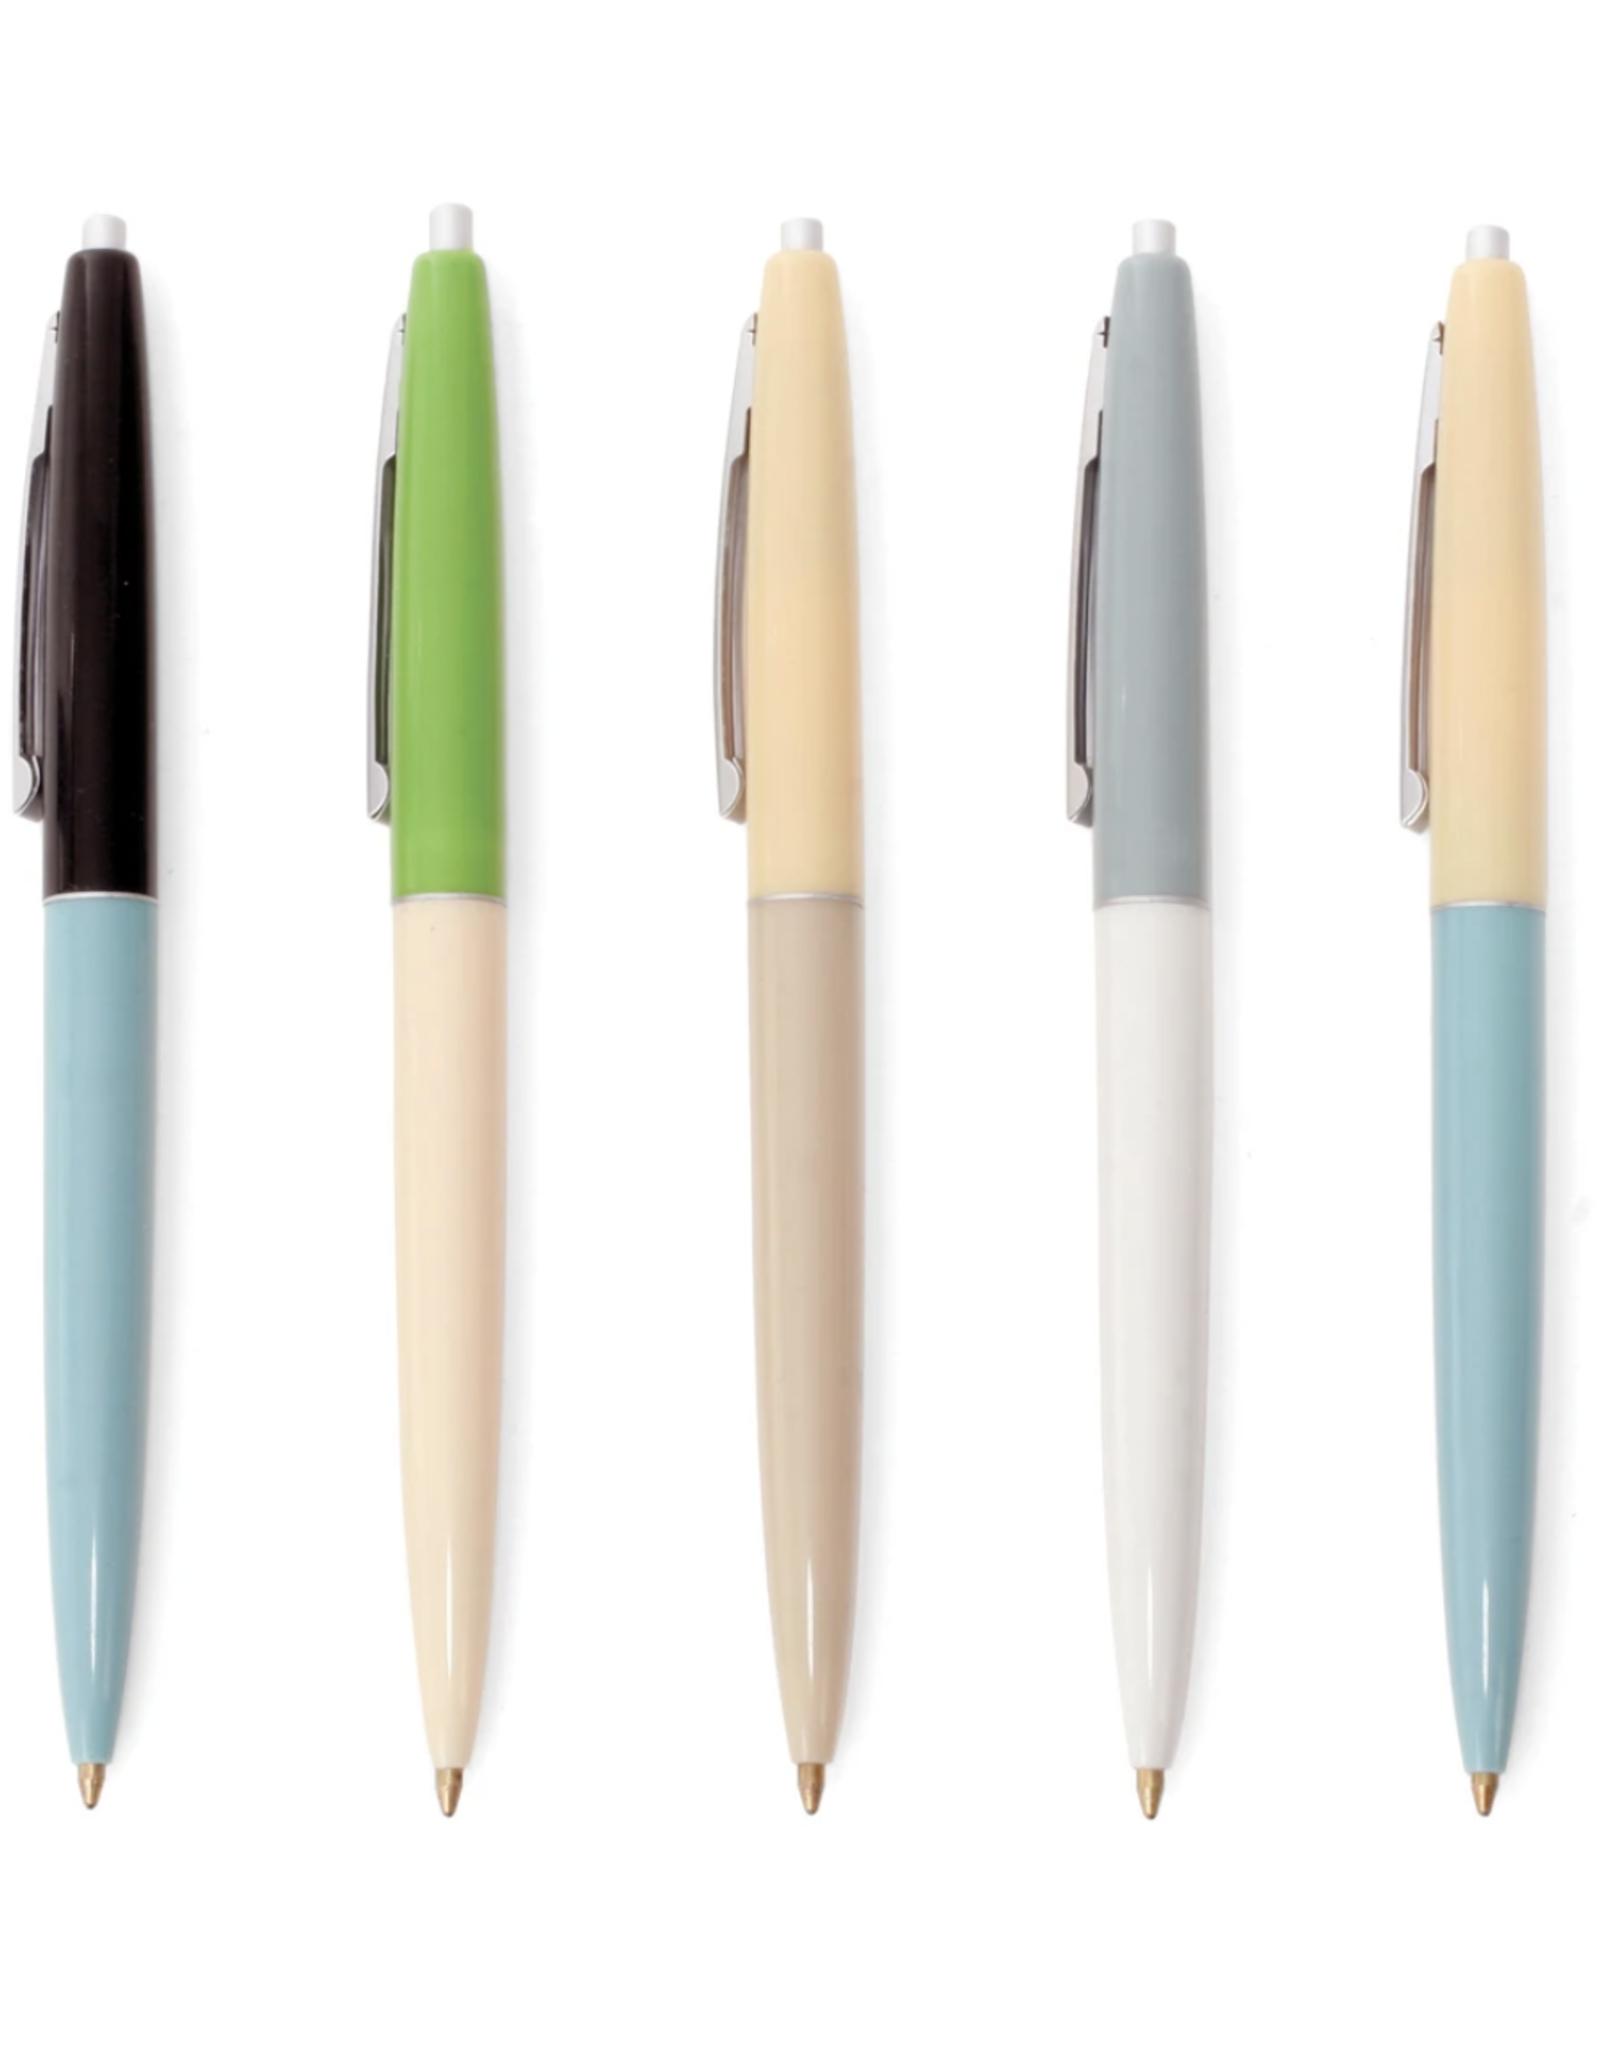 Retro Pens Set of 5